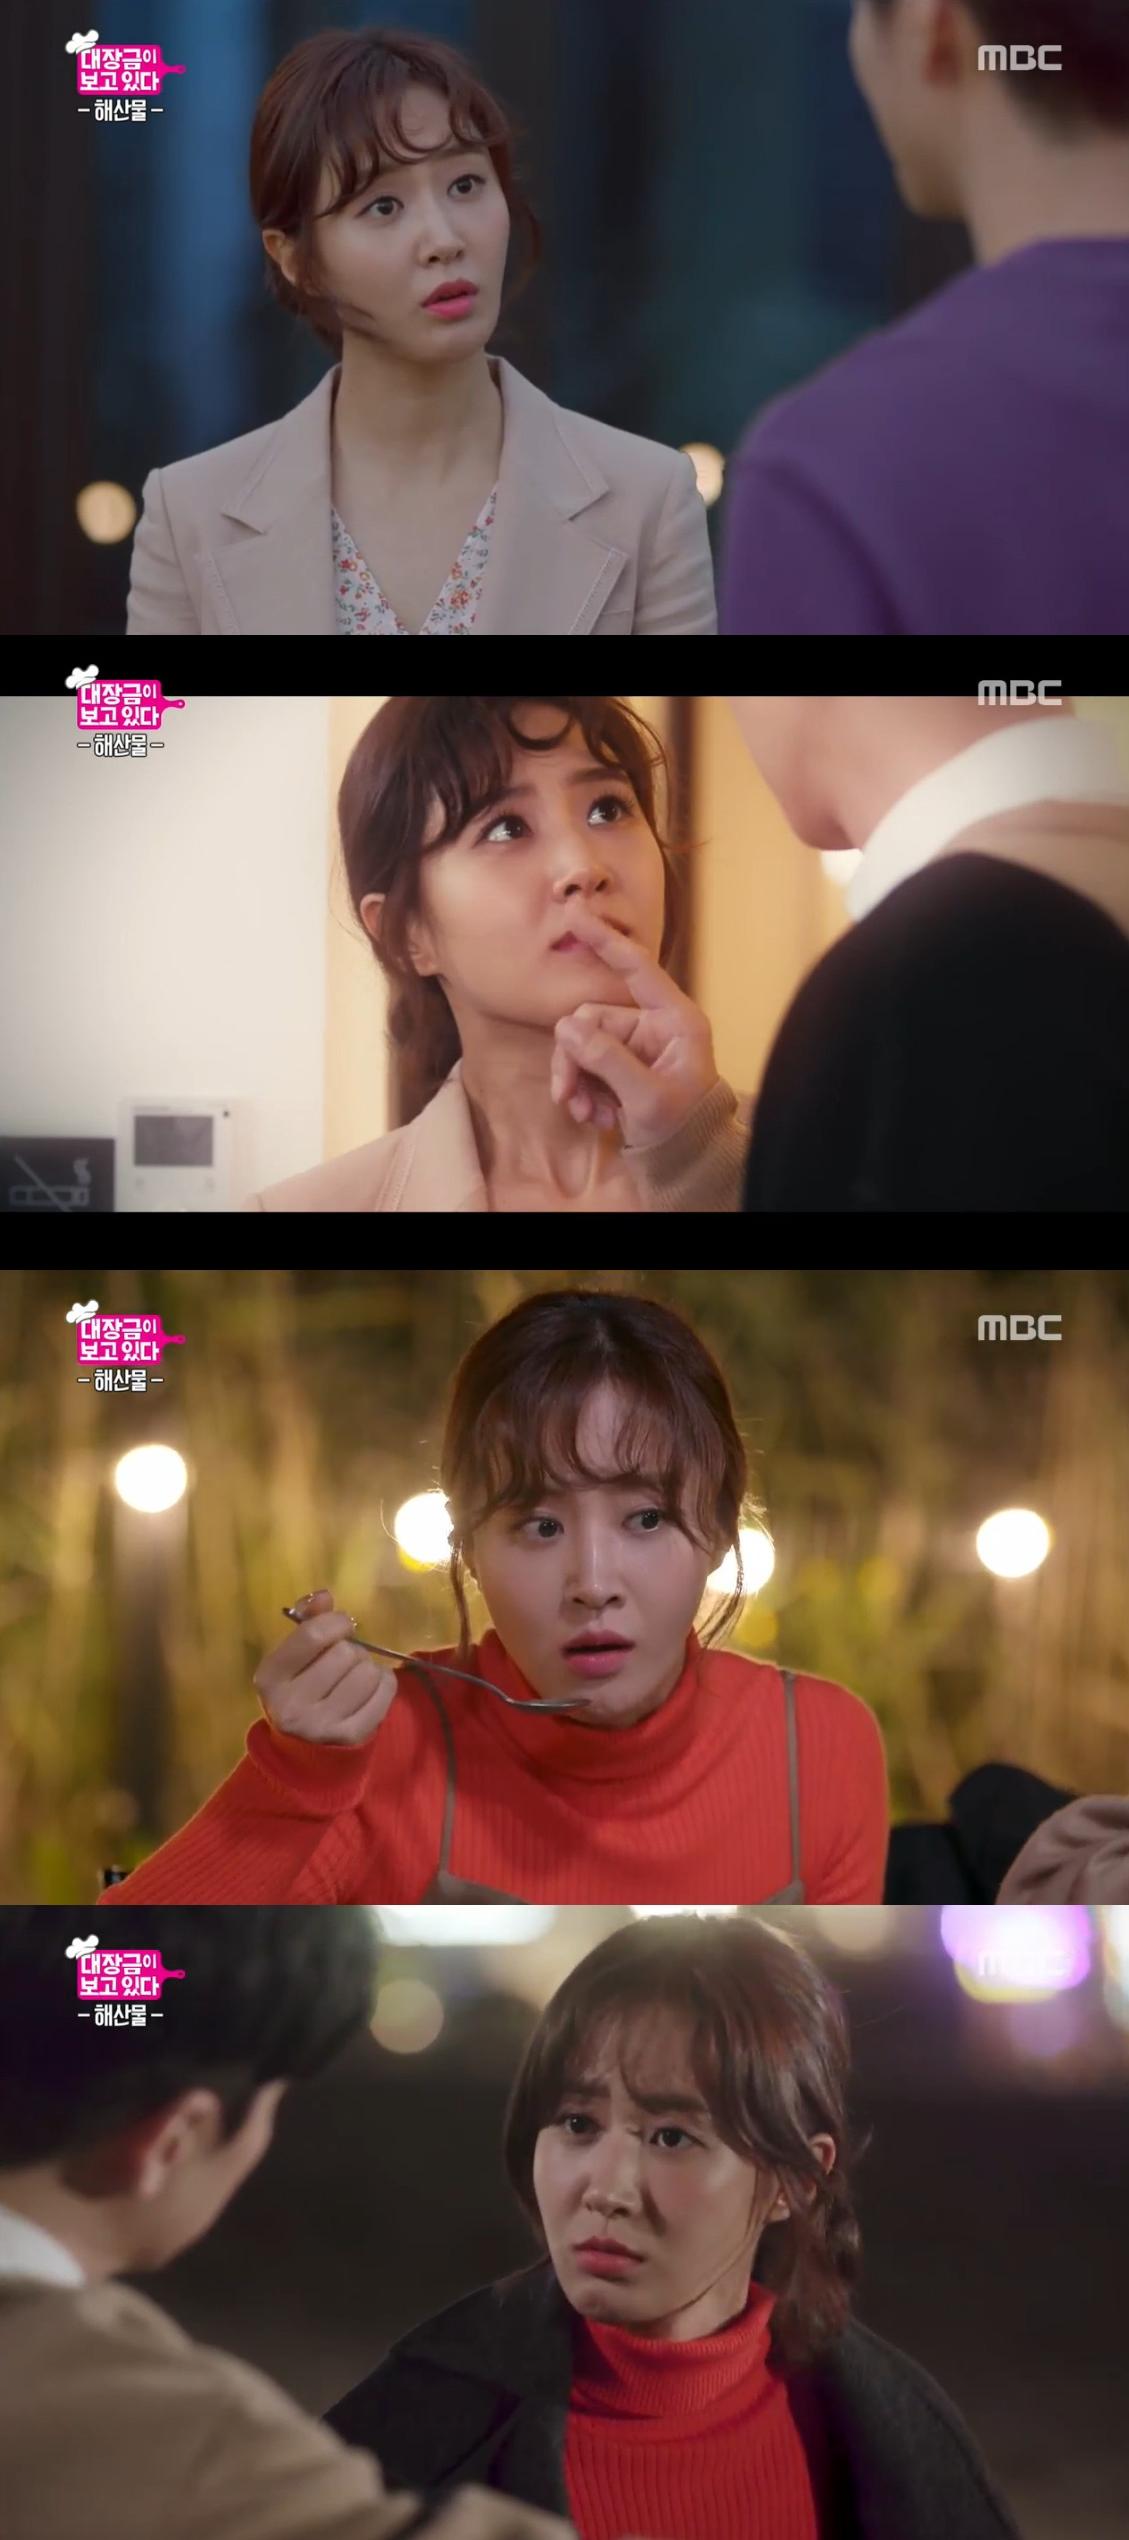 '대장금이 보고 있다' 권유리, 신동욱 호의→사랑으로 착각! 귀여운 상상 '웃음 유발'